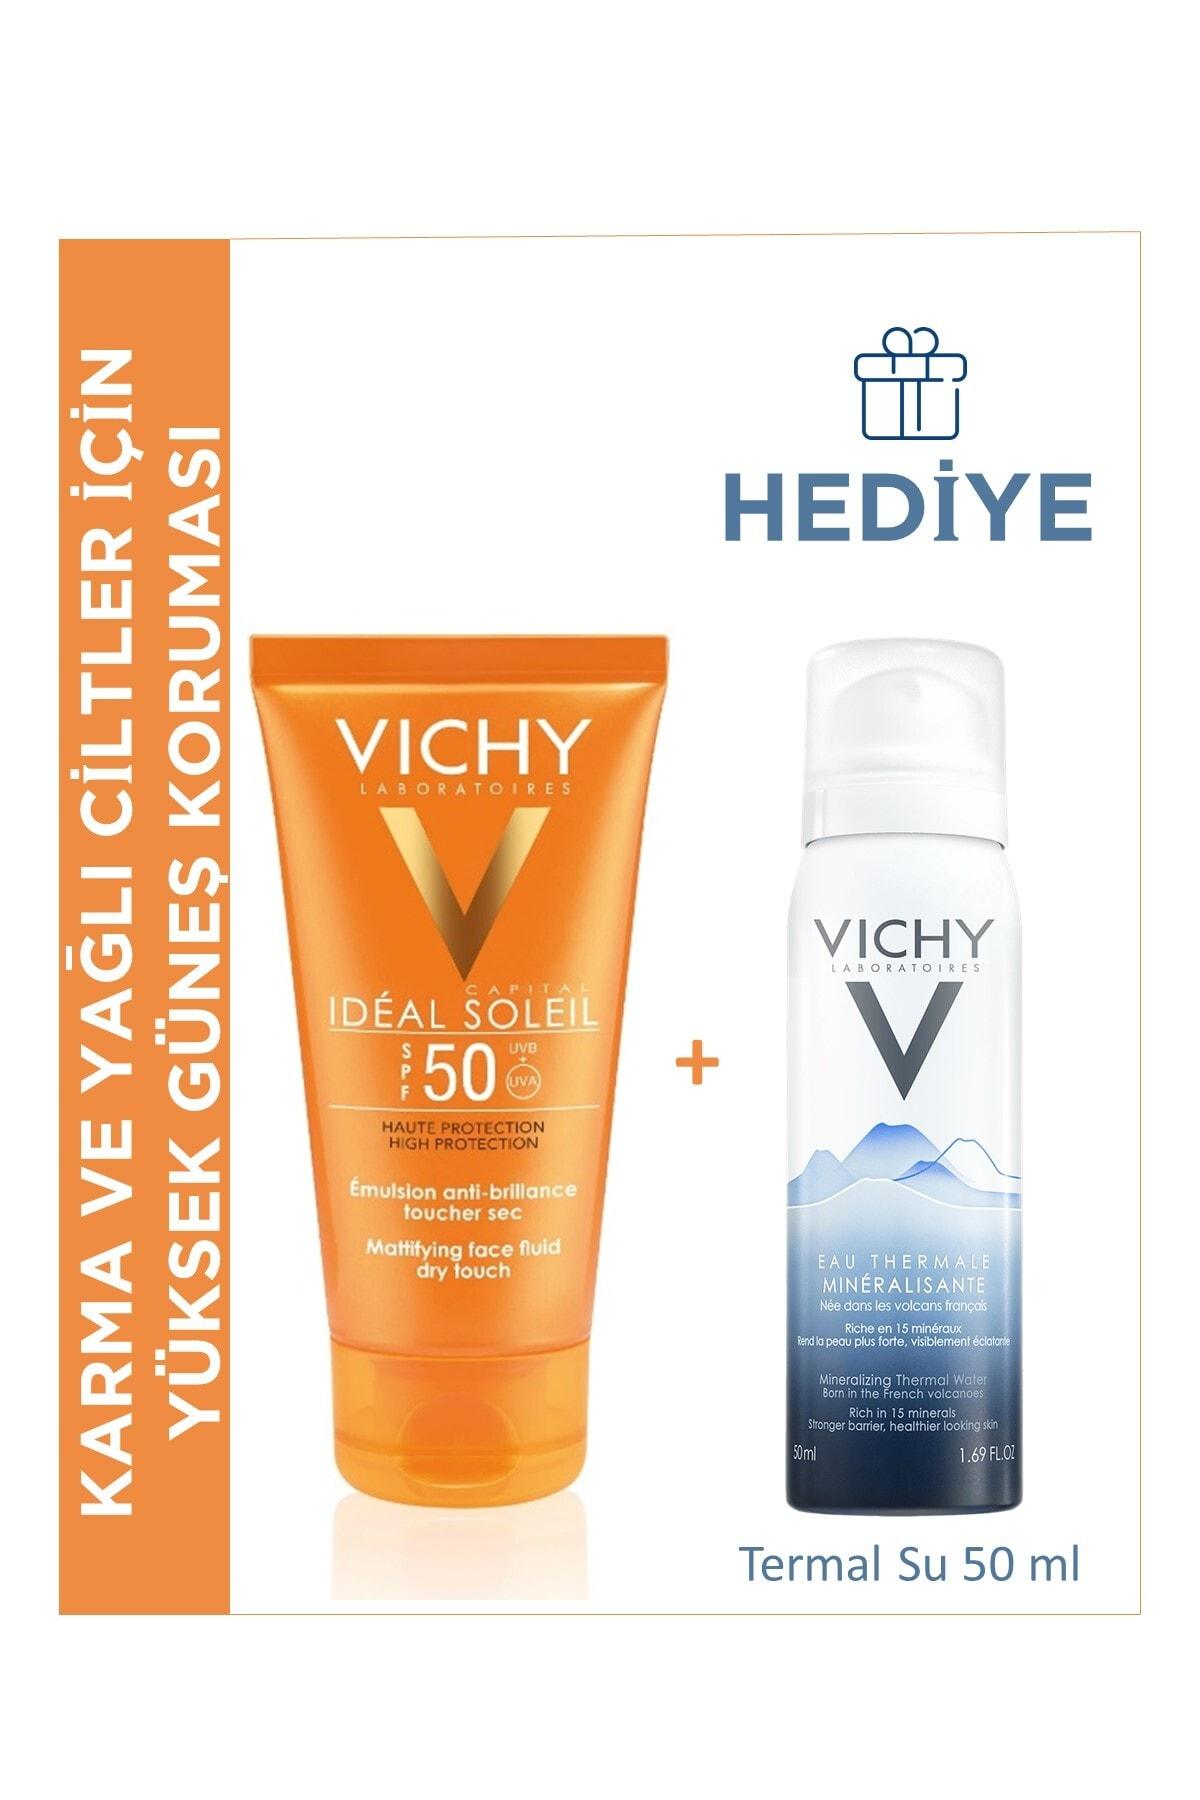 Vichy Ideal Soleil Parlama Karşıtı Bakım ve Güneş Koruma Seti Karma ve Yağlı Cilt Tipleri 8681689318536